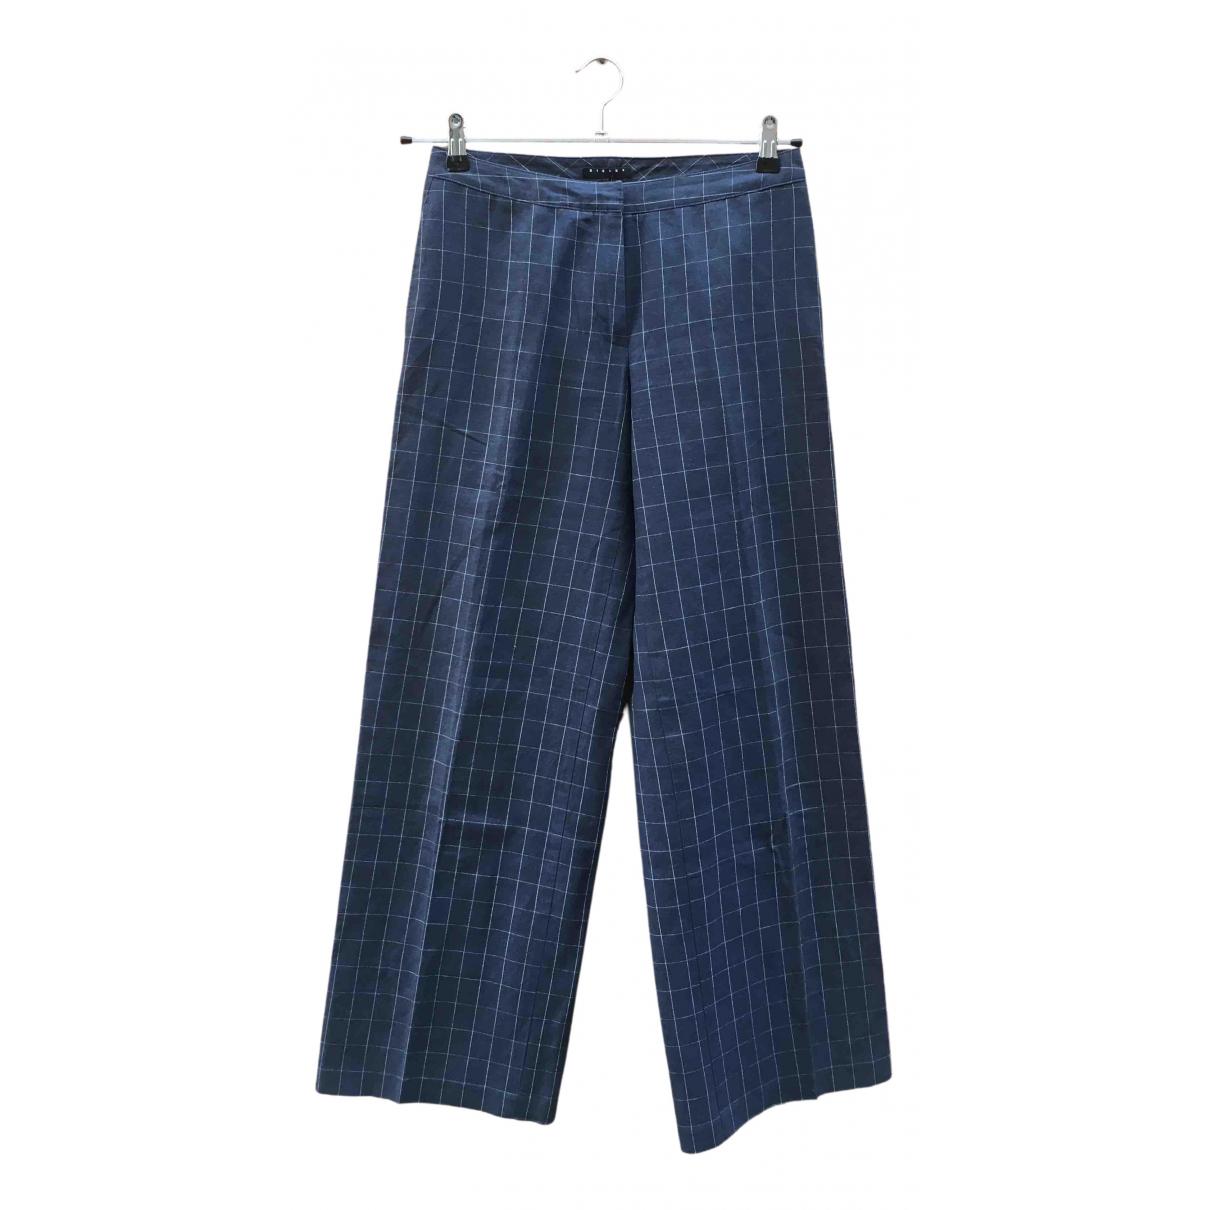 Pantalon Hippie Chic en Algodon Azul Non Signe / Unsigned